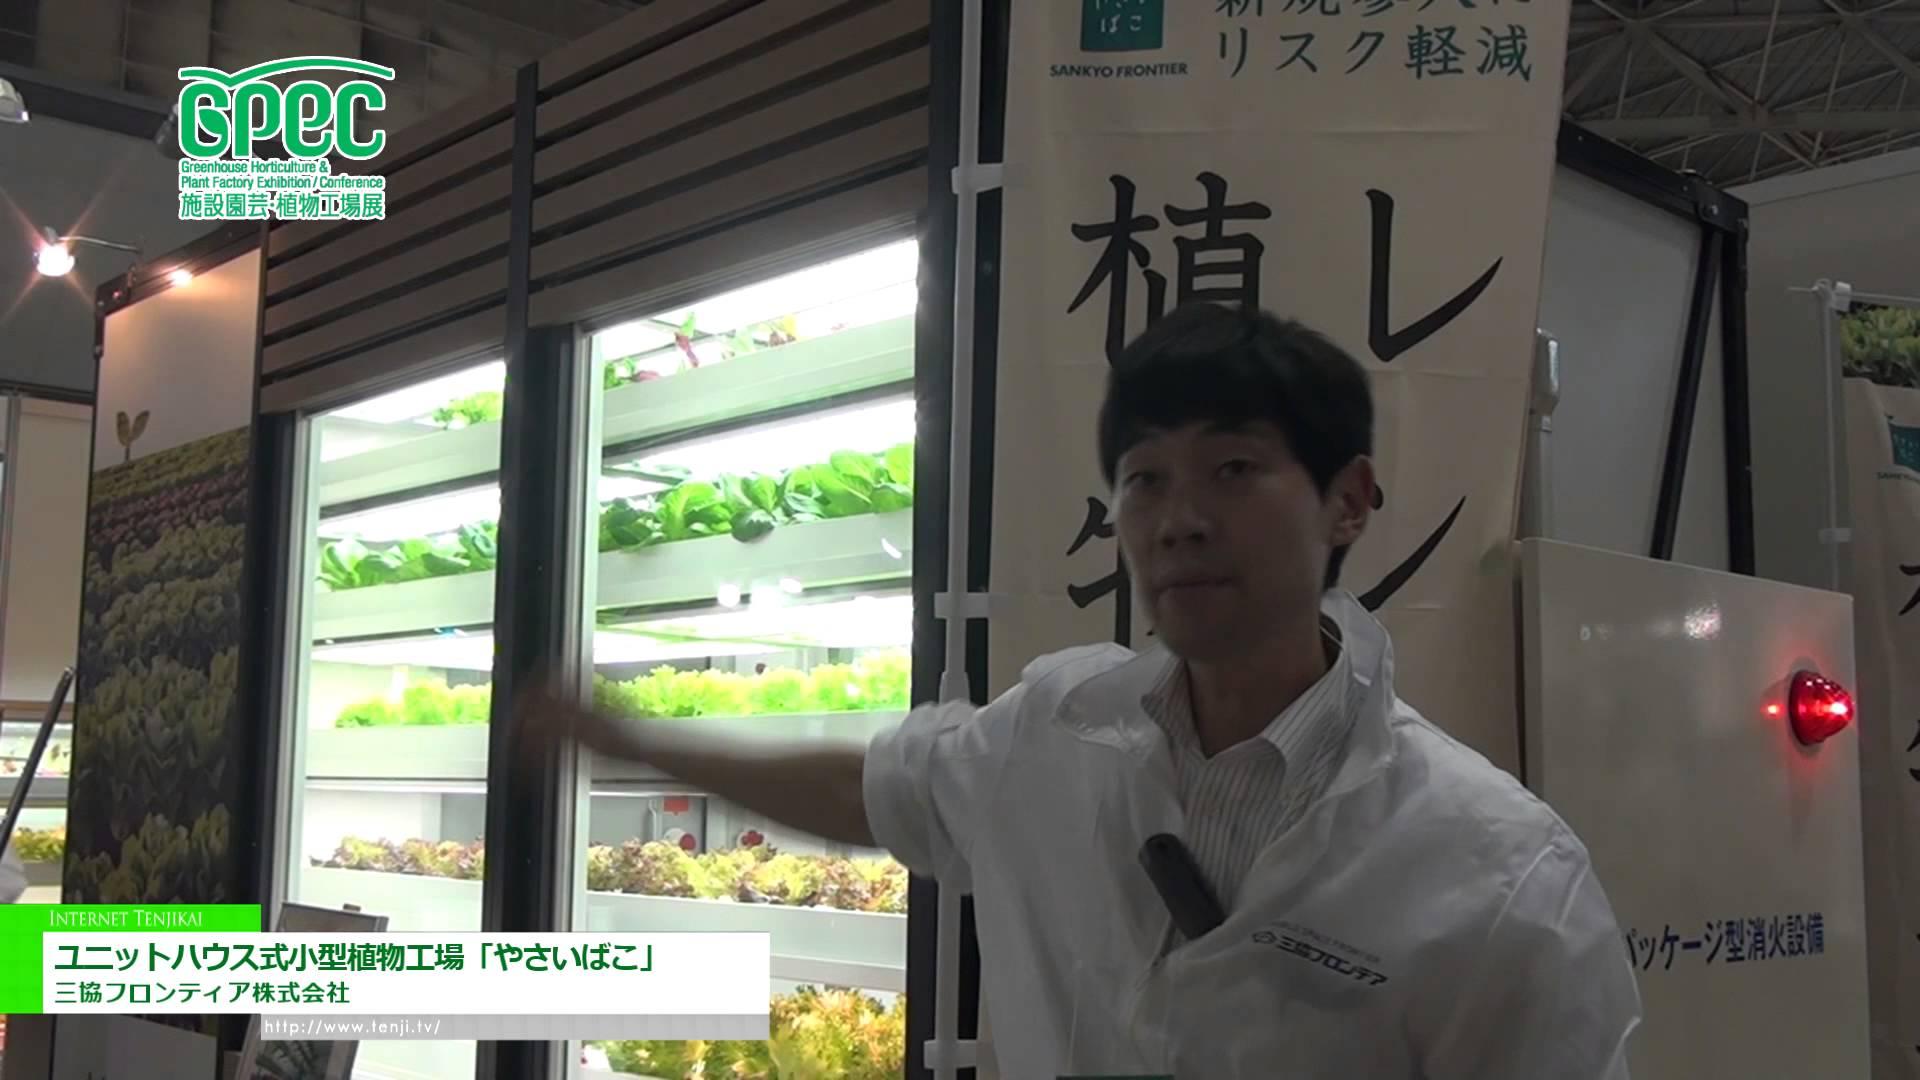 [施設園芸・植物工場展(GPEC) 2014] ユニットハウス式小型植物工場「やさいばこ」 – 三協フロンティア株式会社